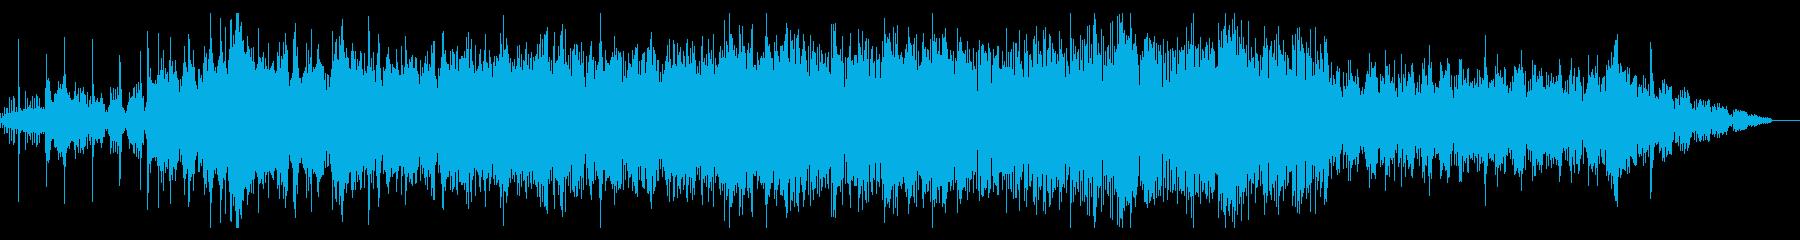 不気味に唸るようなIDMの再生済みの波形